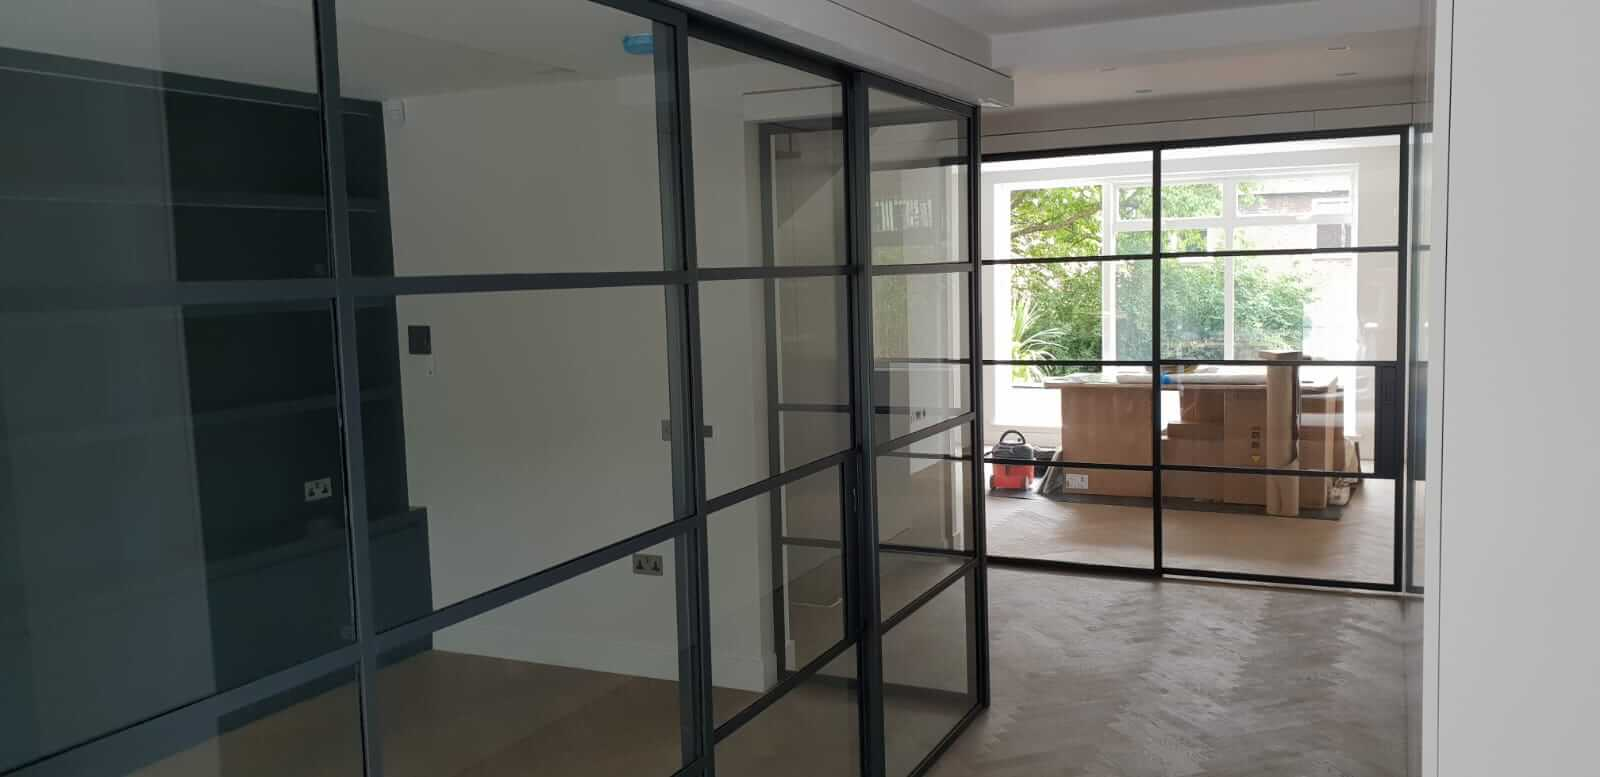 Original Steel sliding doors pocket doors DesignPlus